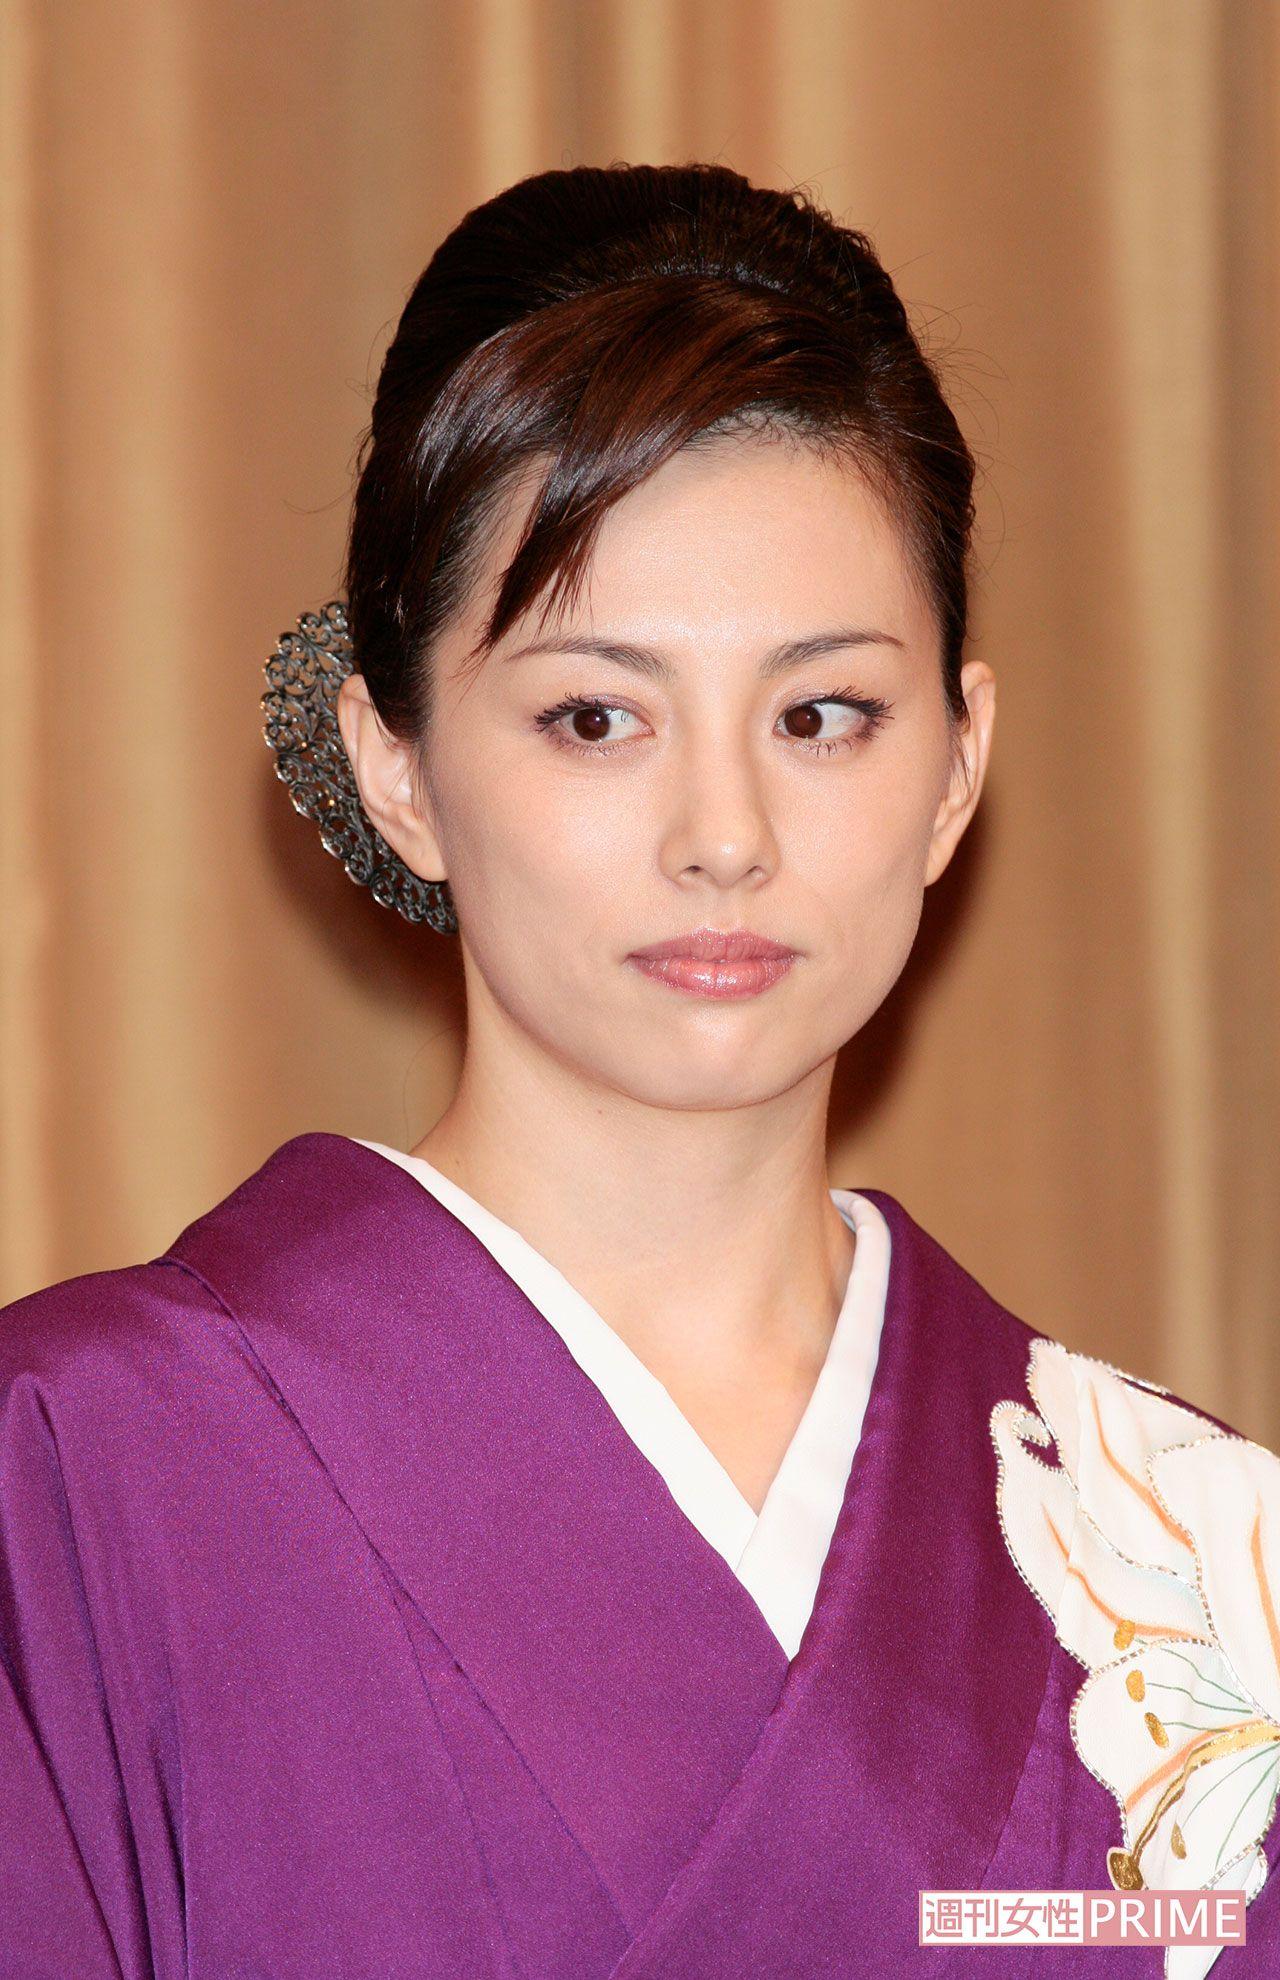 米倉涼子の画像 p1_9